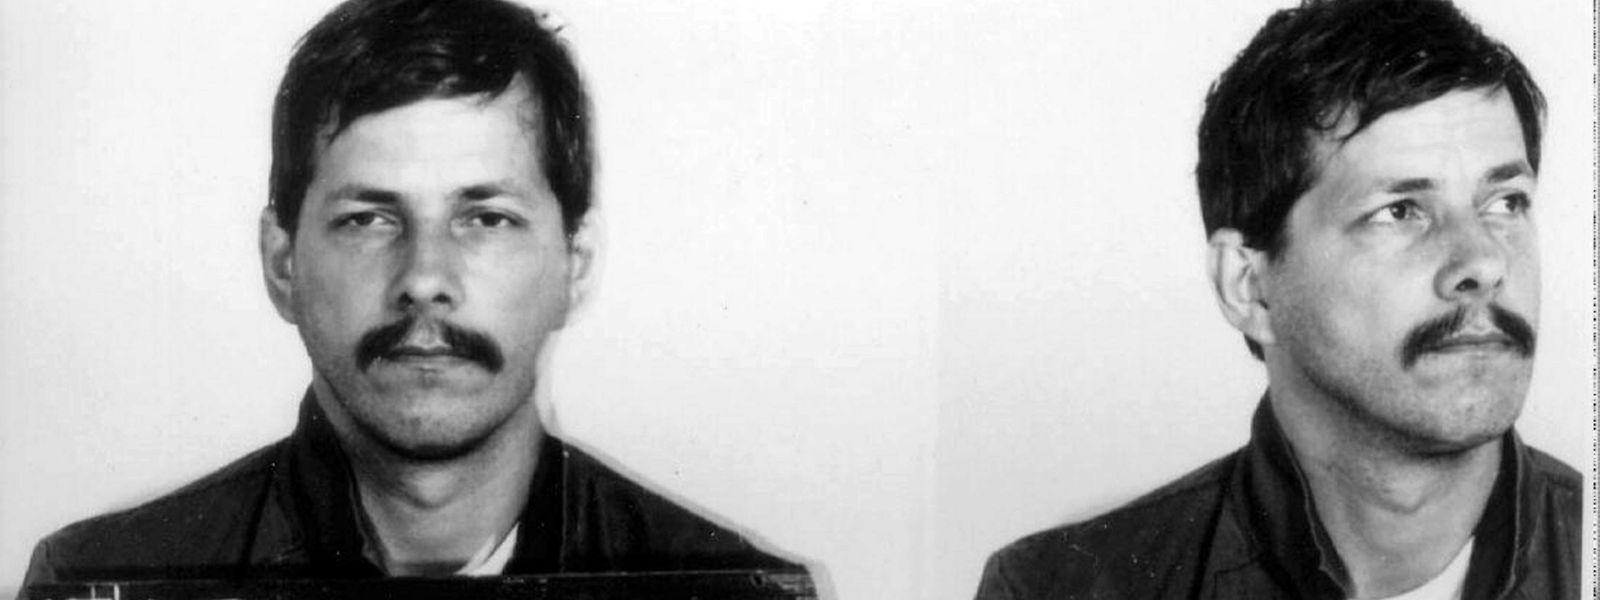 Sechs Mädchen entführte Dutroux in den 90er Jahren, folterte und vergewaltigte sie. Vier tötete er.